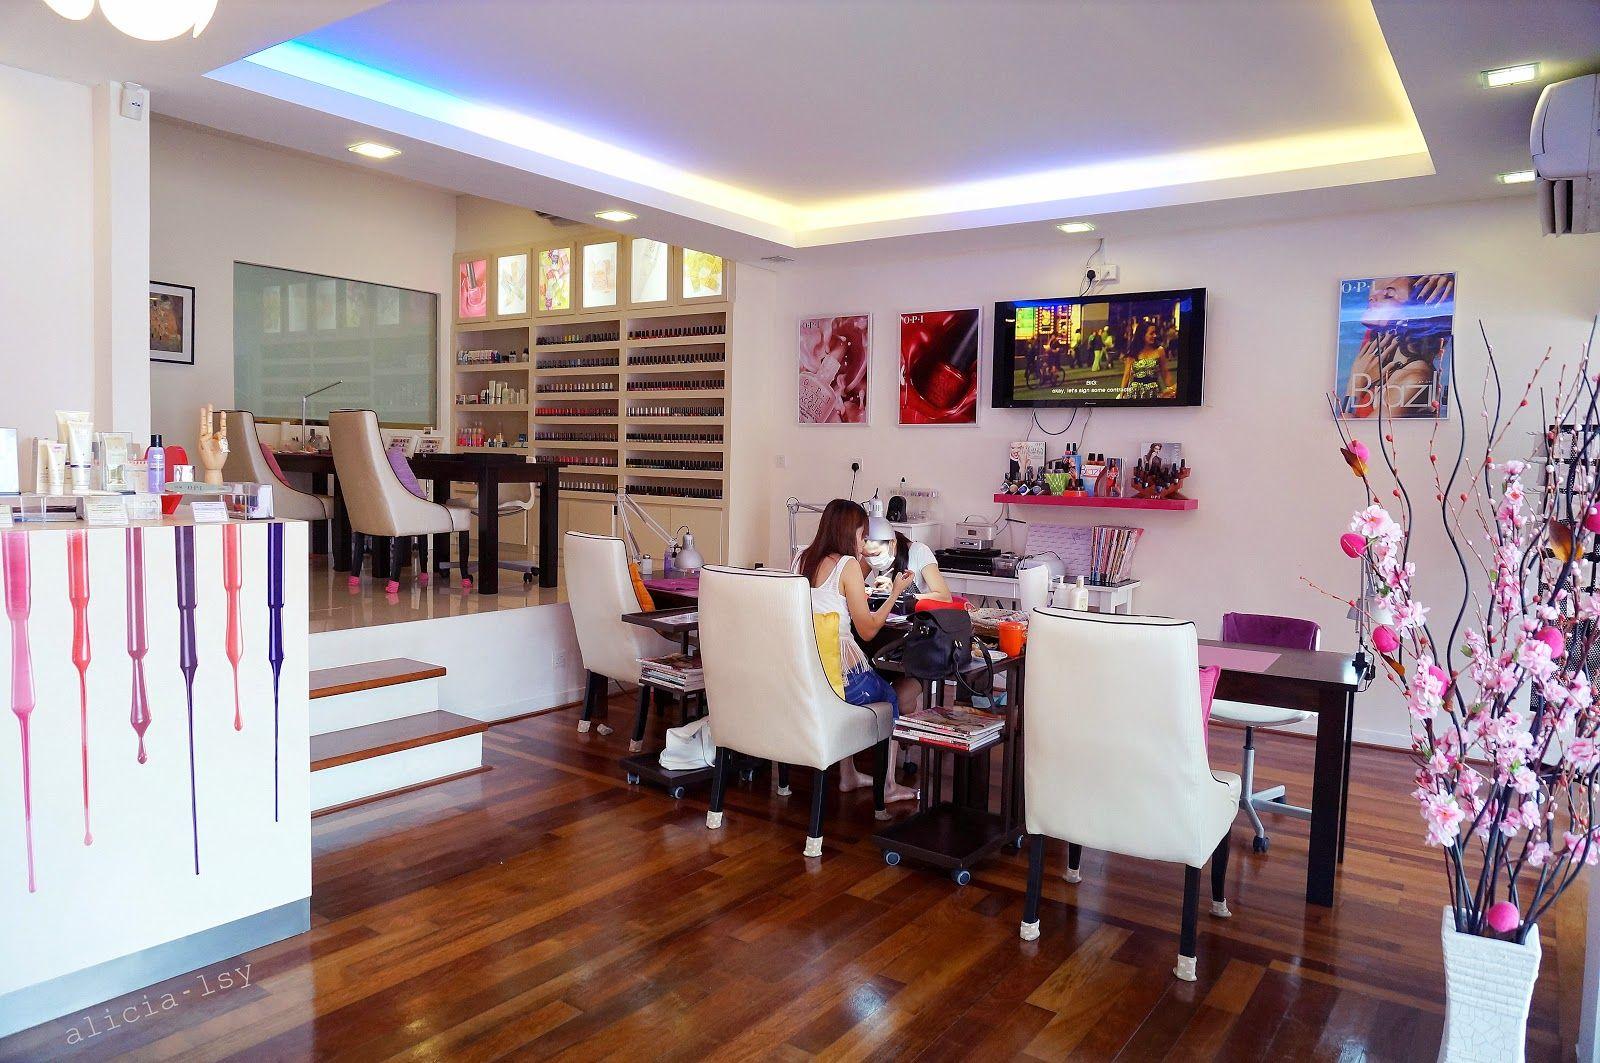 small nail salon google search - Small Nail Salon Interior Designs